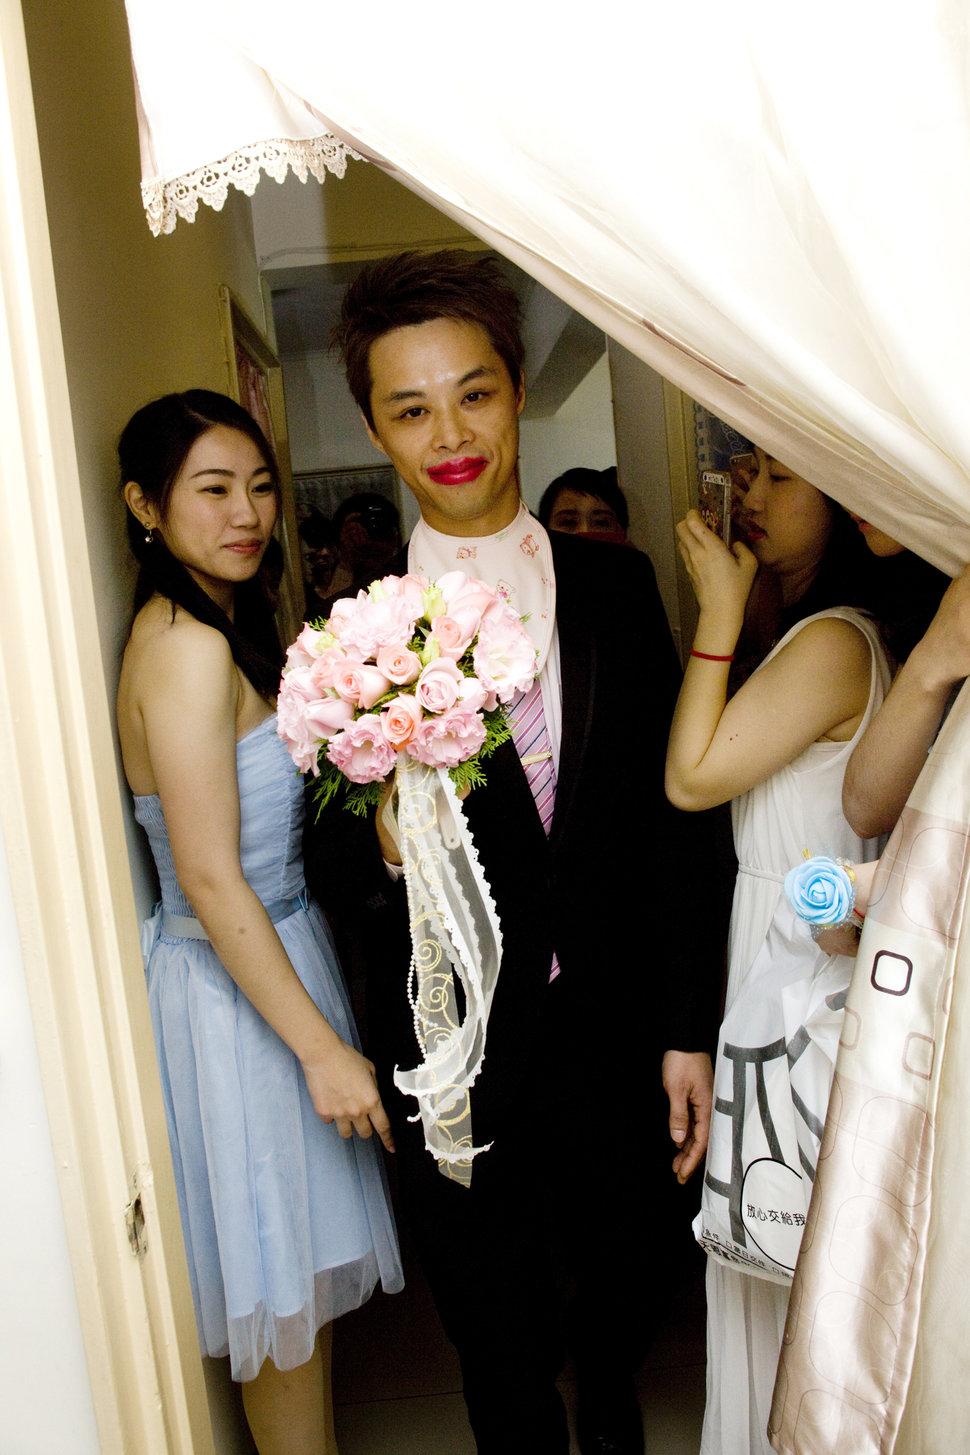 蓓麗宛婚禮時尚(編號:541462) - 蓓麗宛婚禮時尚 - 結婚吧